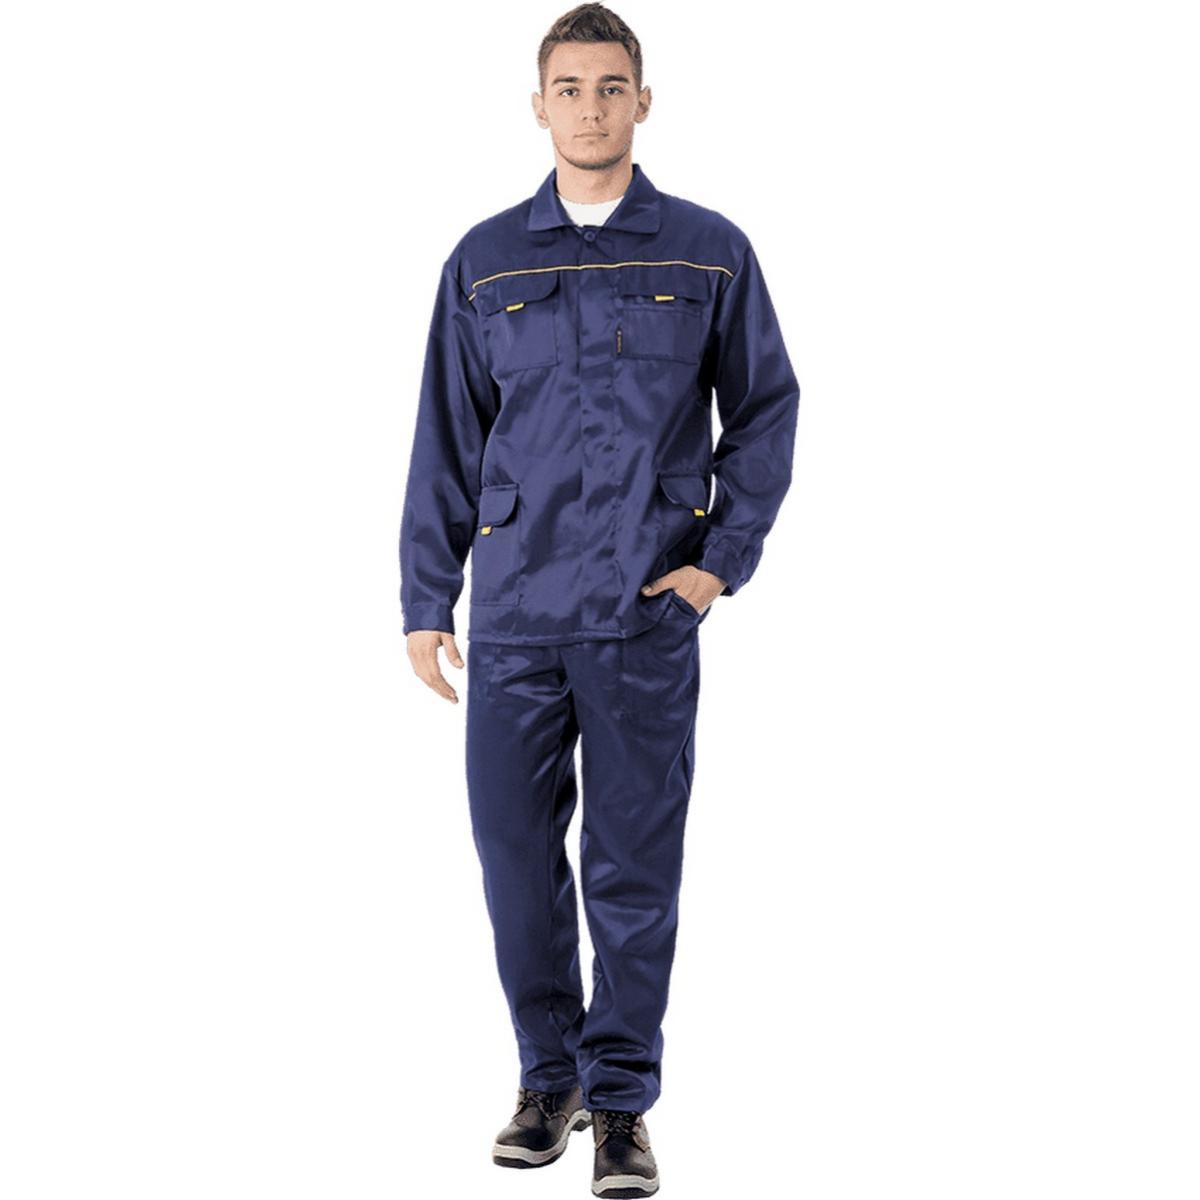 Костюм ВЫМПЕЛ-1 т/синий (куртка+брюки)  (разм. 120-124 рост 170-176)